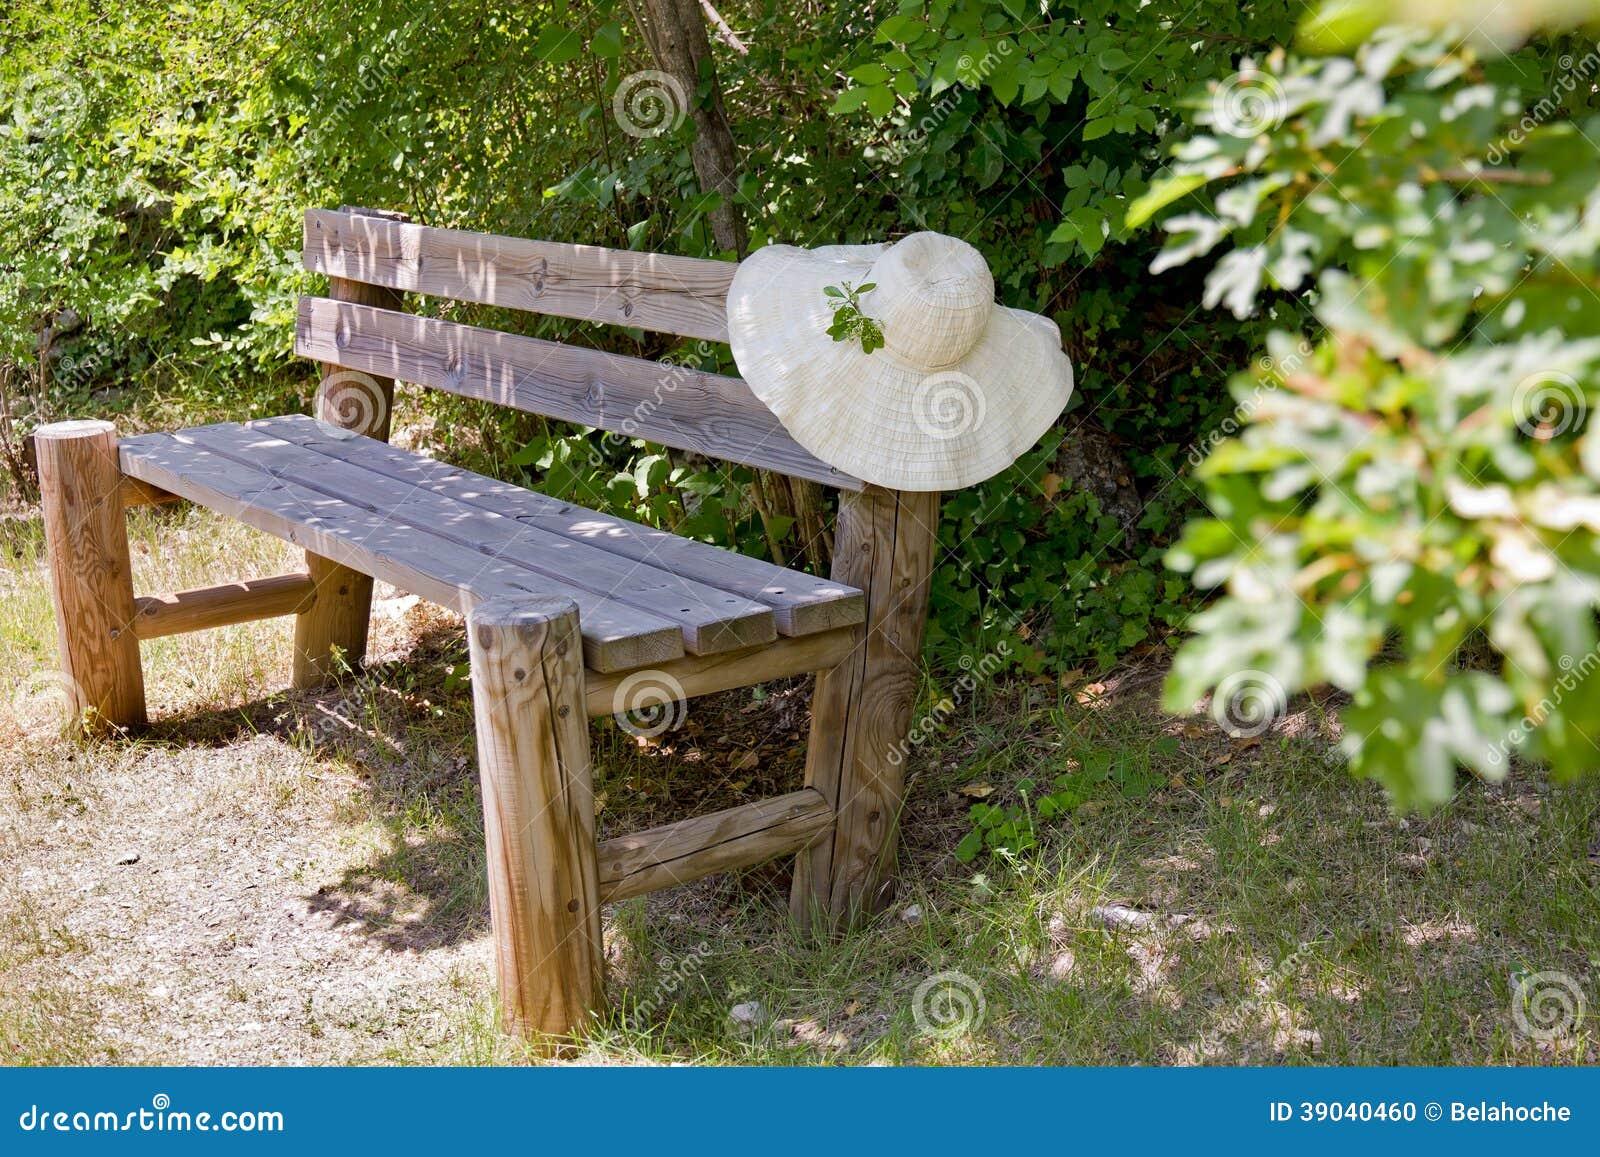 Sunhat en un banco de madera del jardín.